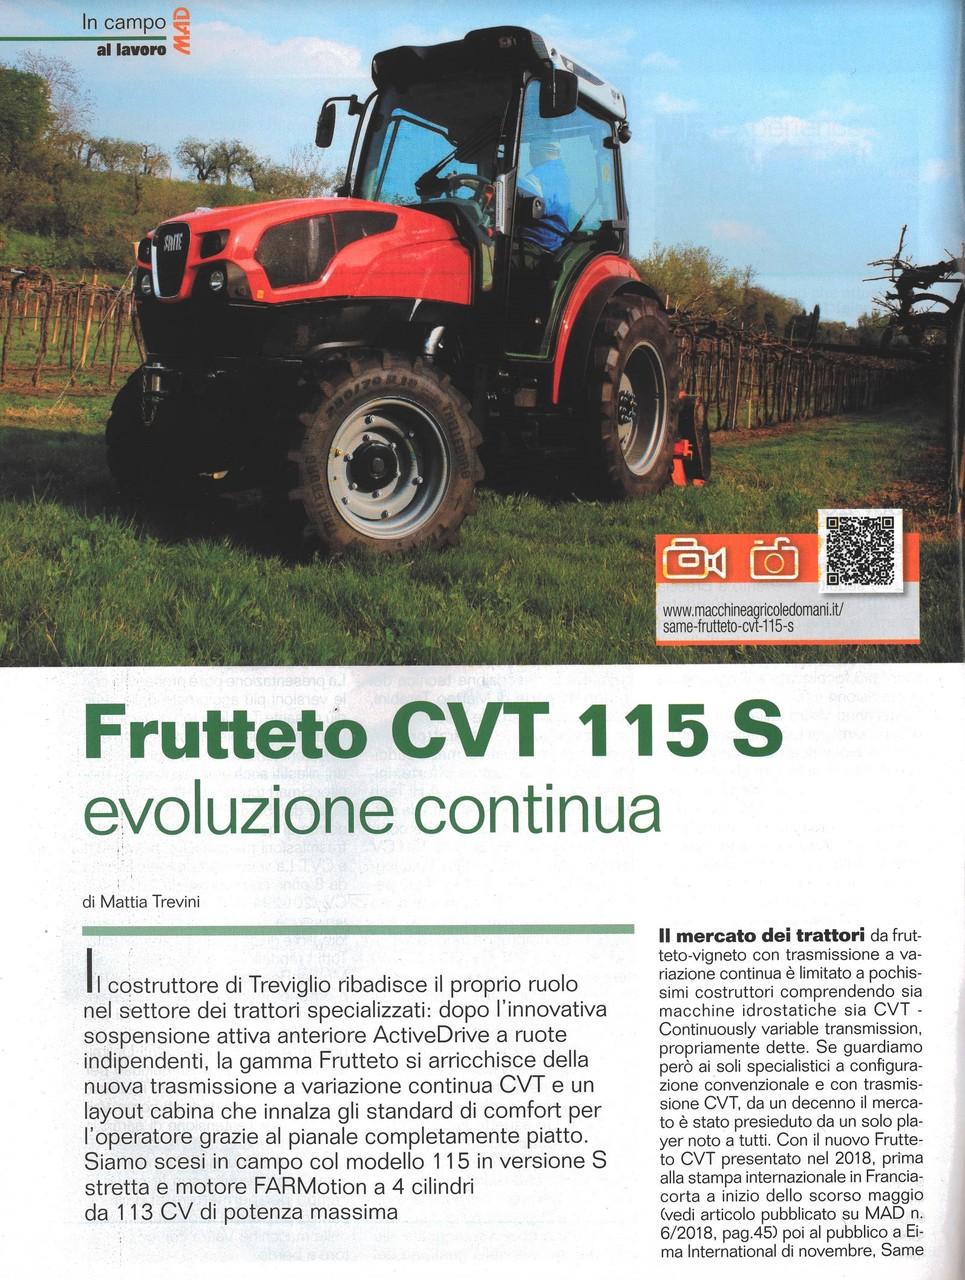 Frutteto CVT 115 S evoluzione continua